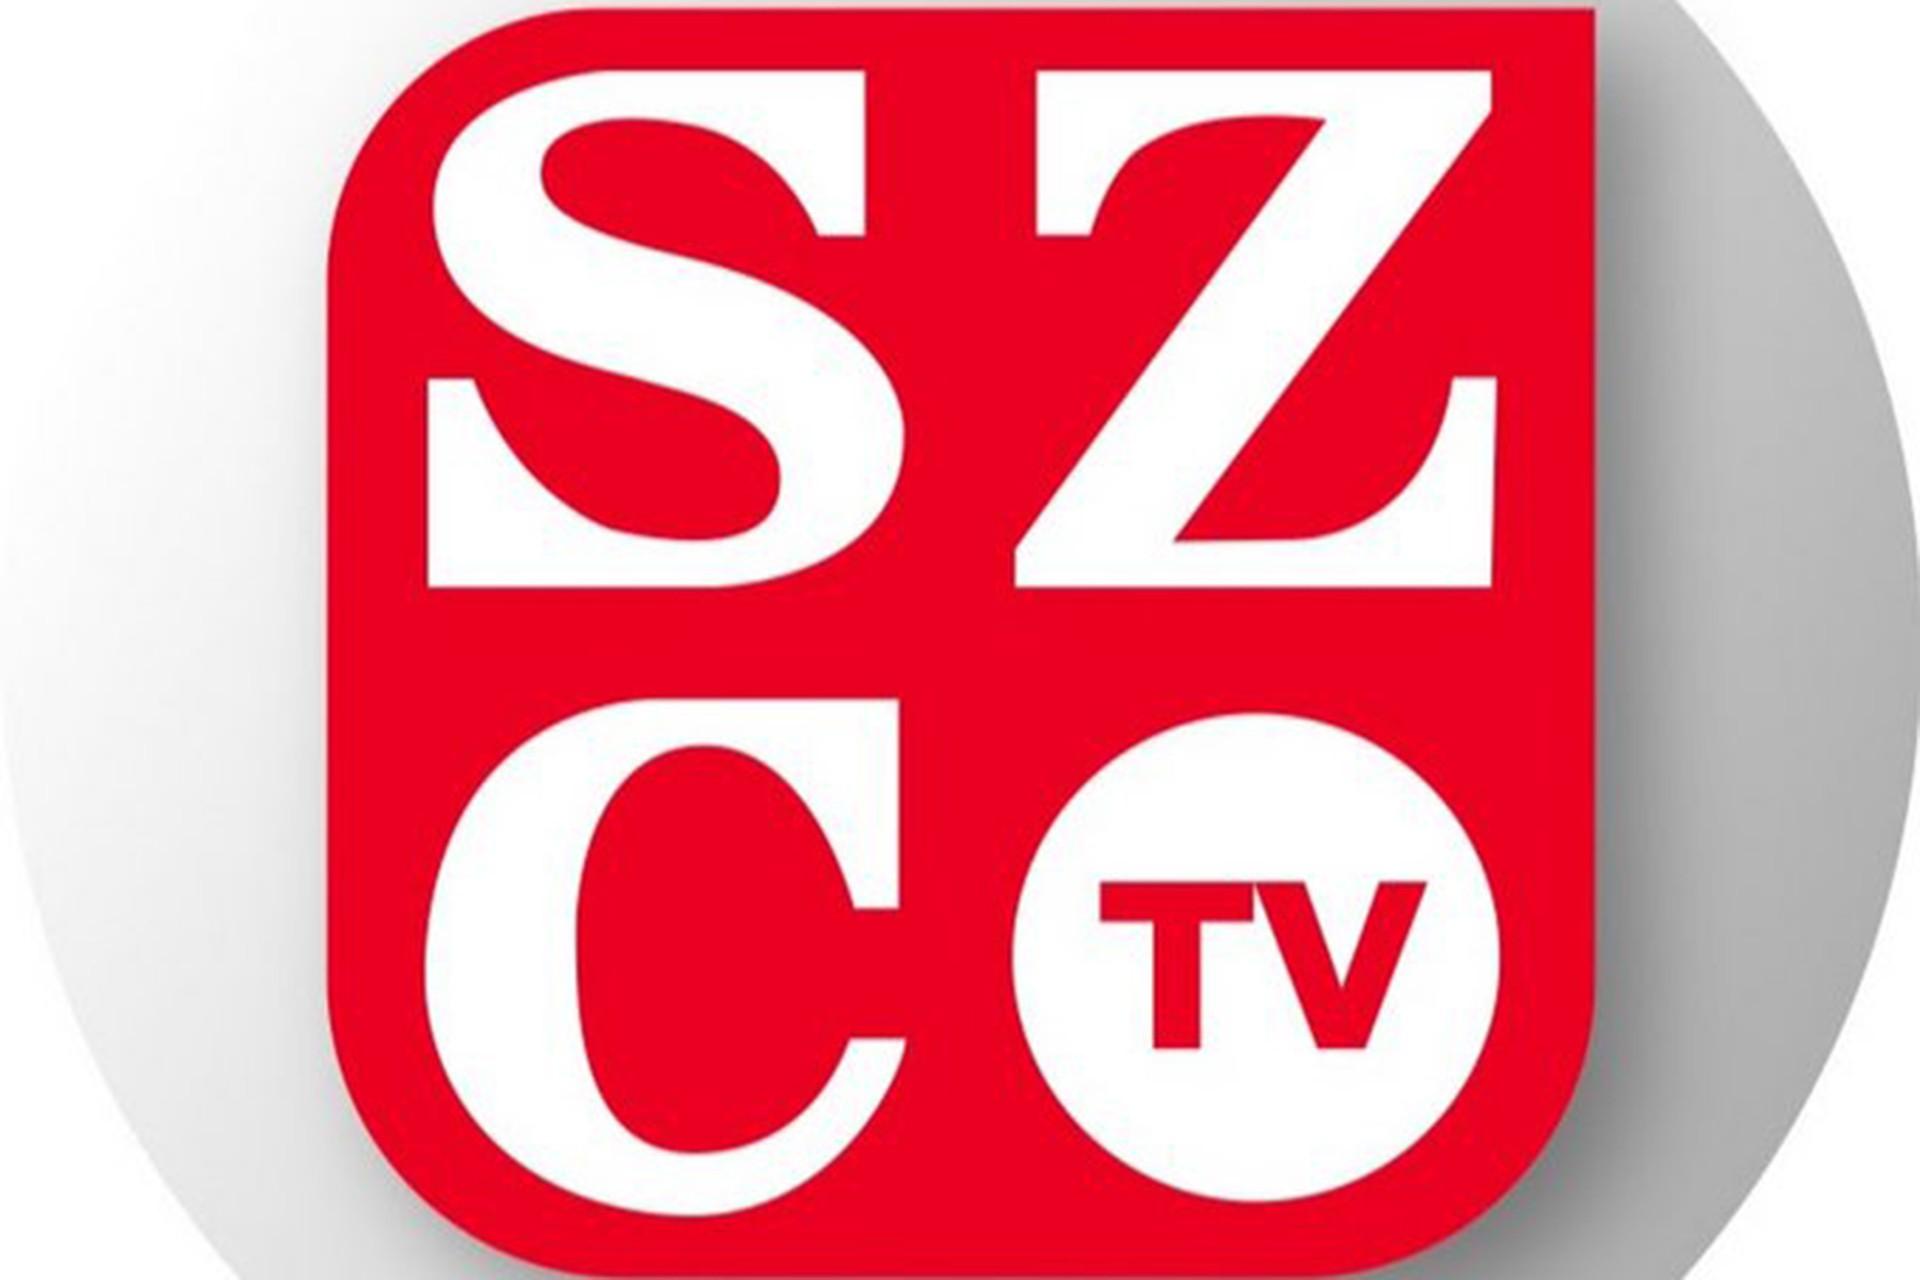 RT%C3%BCK,+aylar+sonra+S%C3%B6zc%C3%BC+TV%E2%80%99ye+onay+verdi%21;